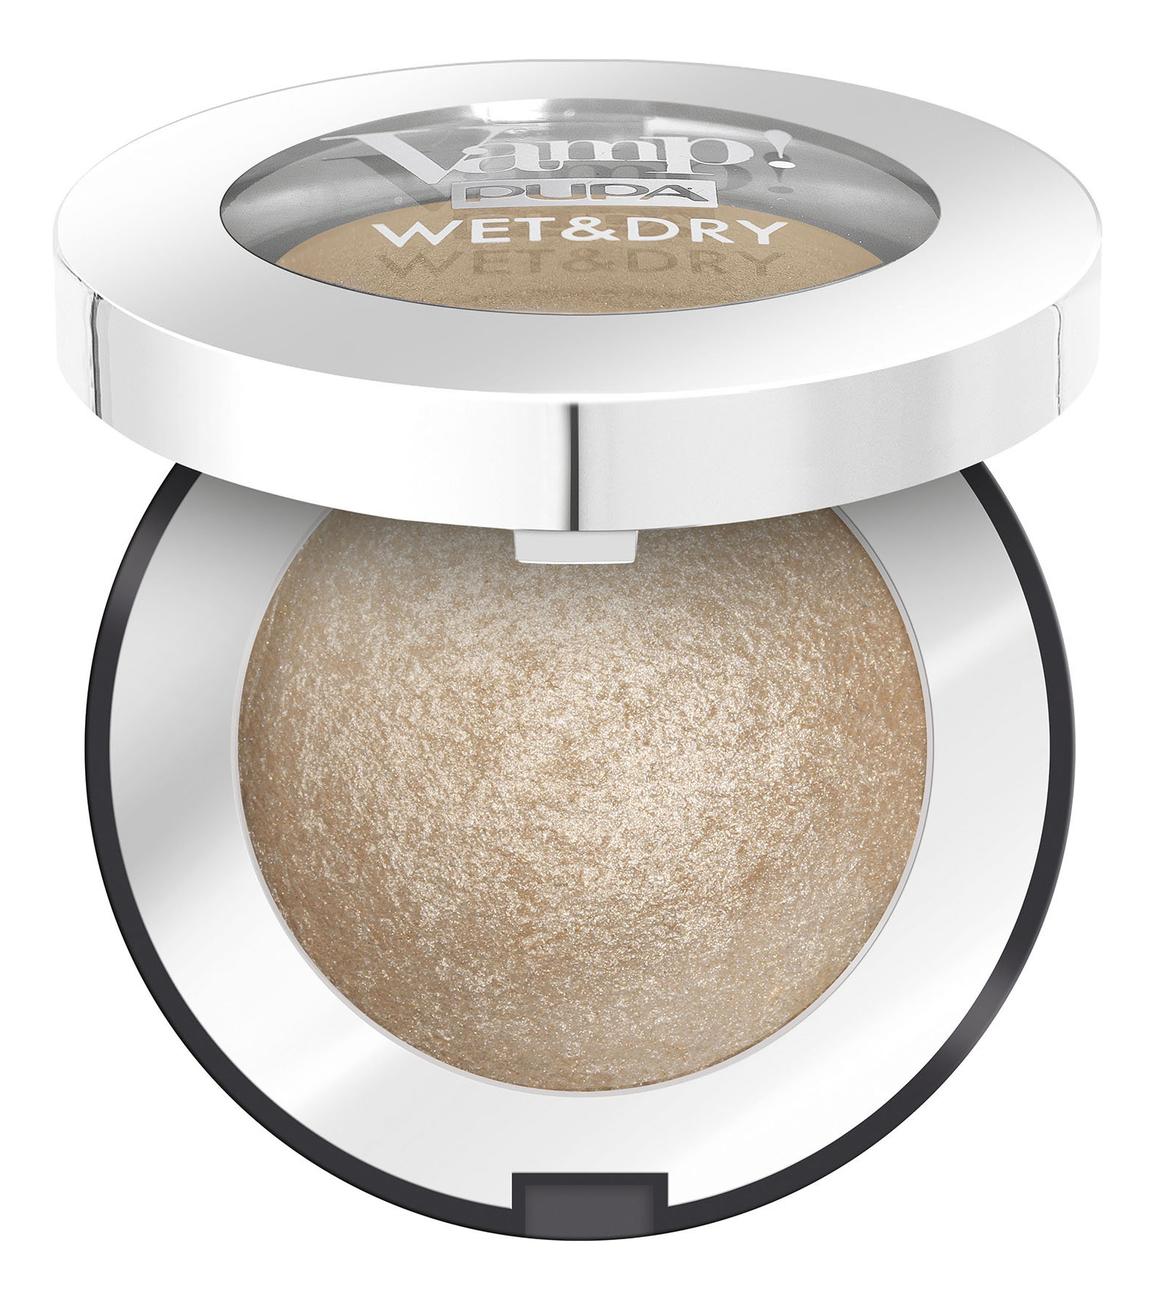 Запеченные тени для век Vamp! Wet & Dry Eyeshadow 1г: 100 Champagne Gold